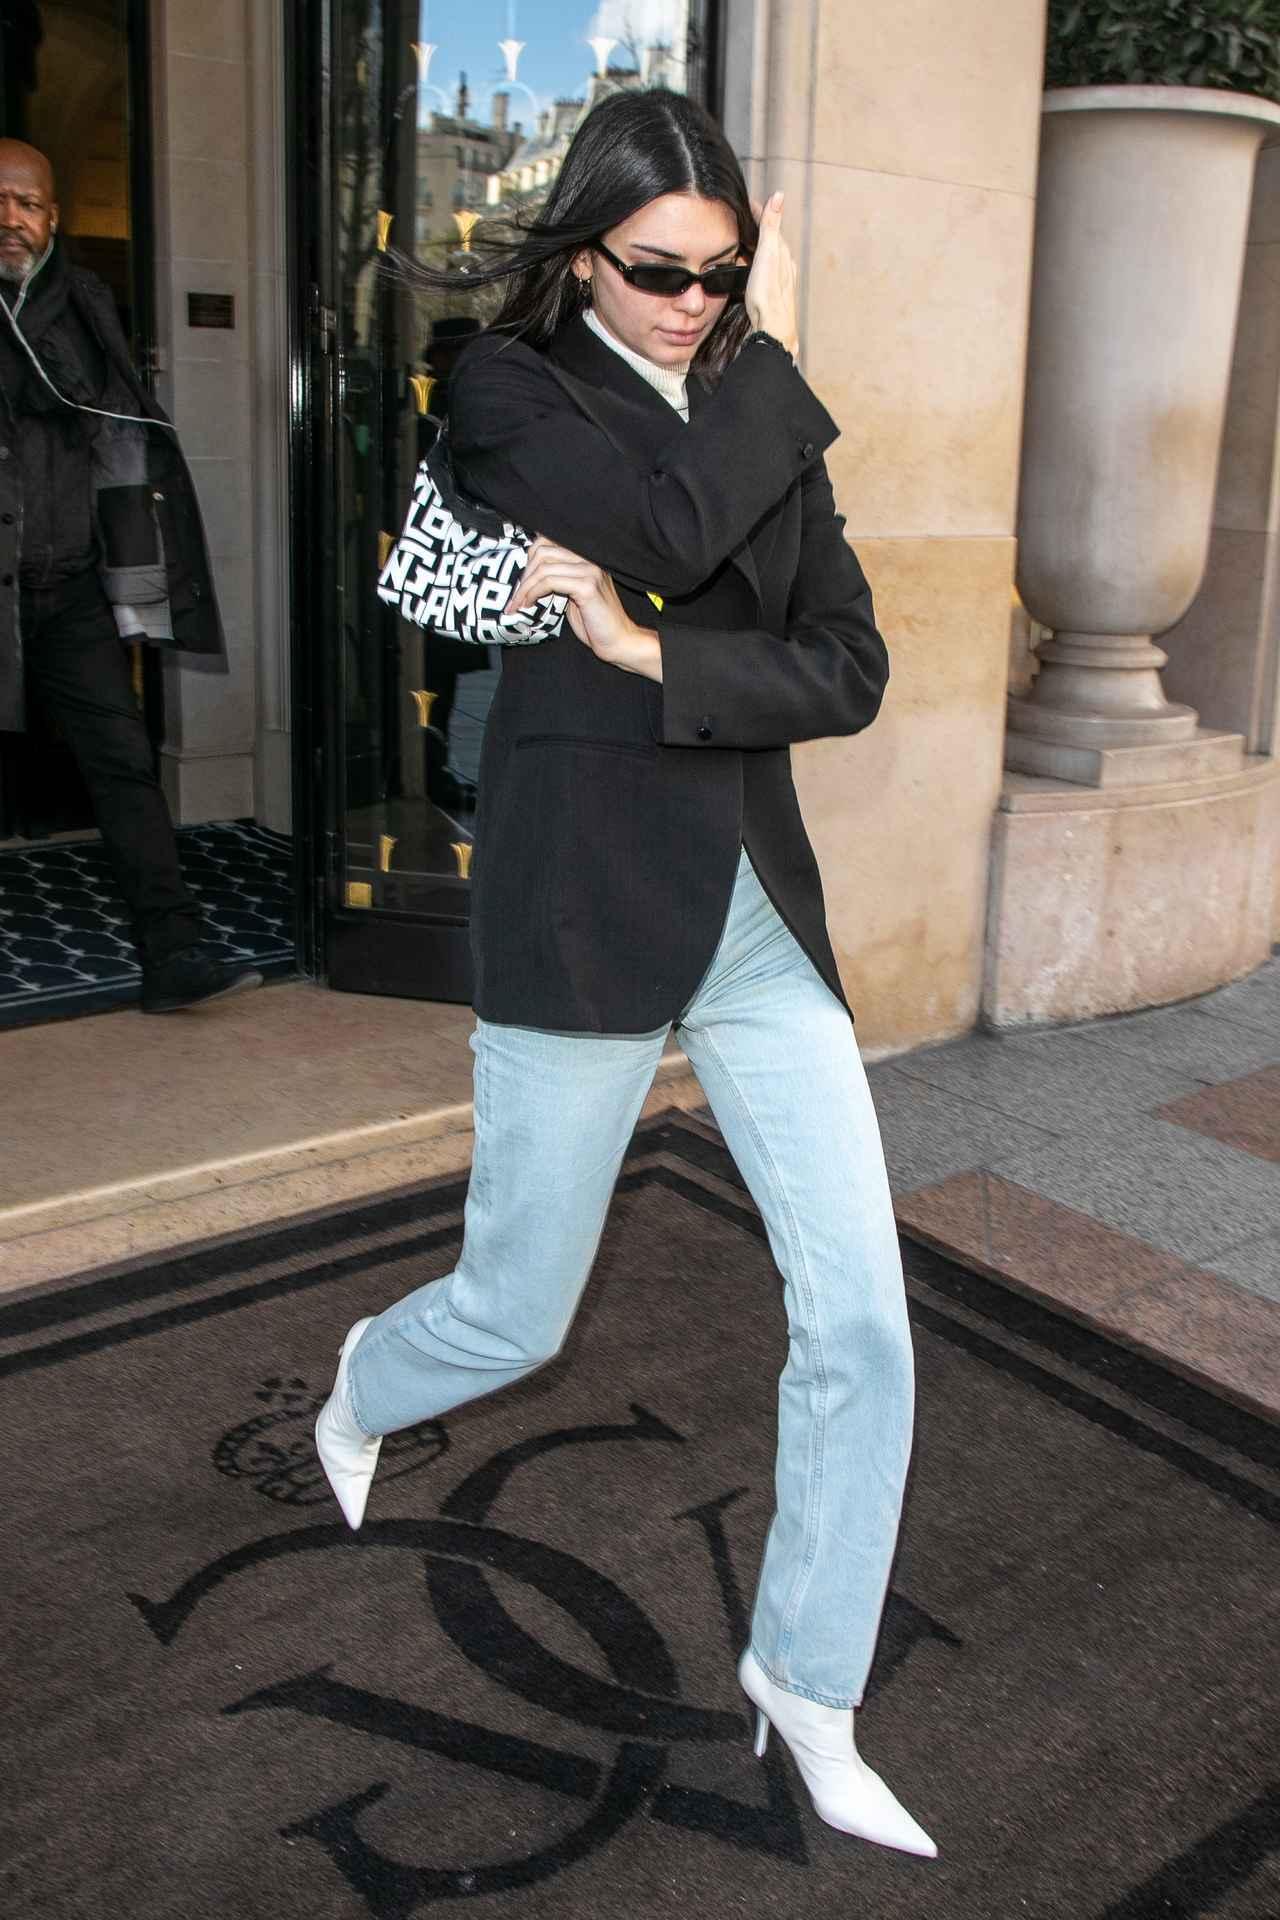 画像1: ケンダル・ジェンナーがロンシャンのロゴバッグをヘビロテ♡